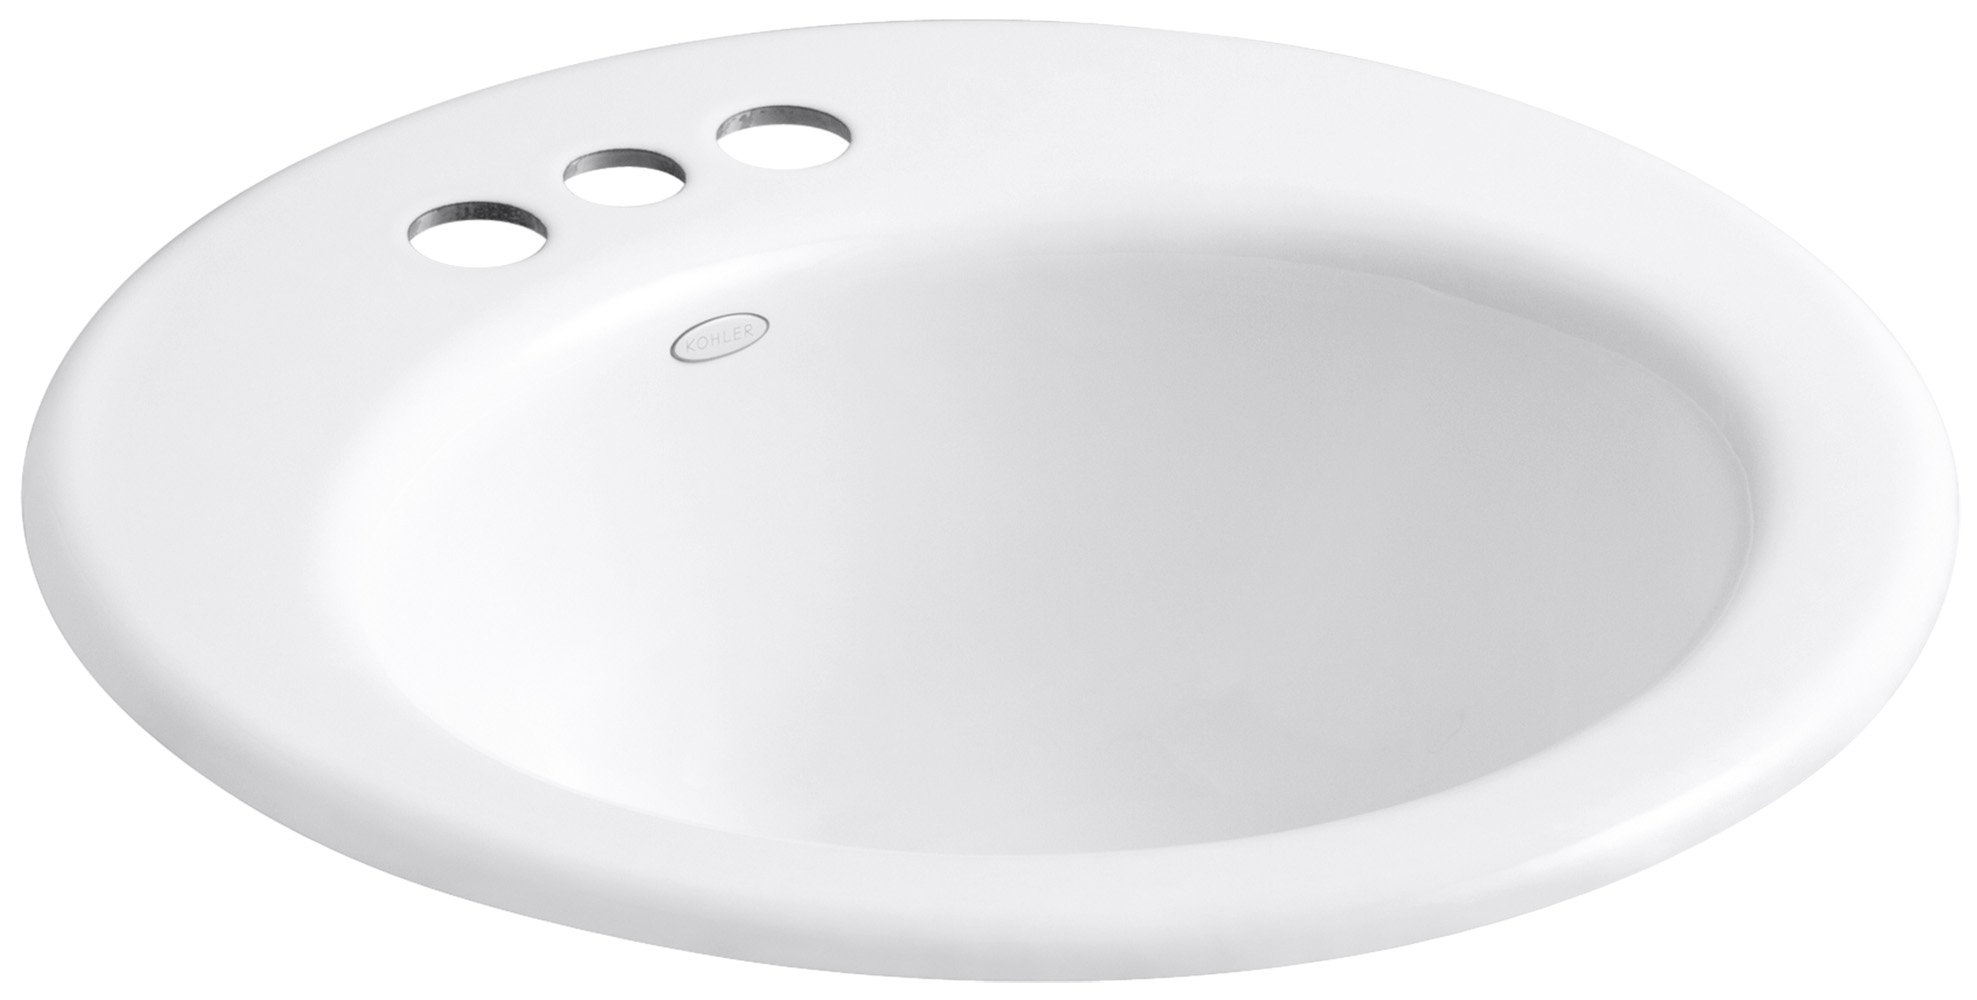 KOHLER K-2917-4-0 Radiant Self-Rimming Bathroom Sink, White